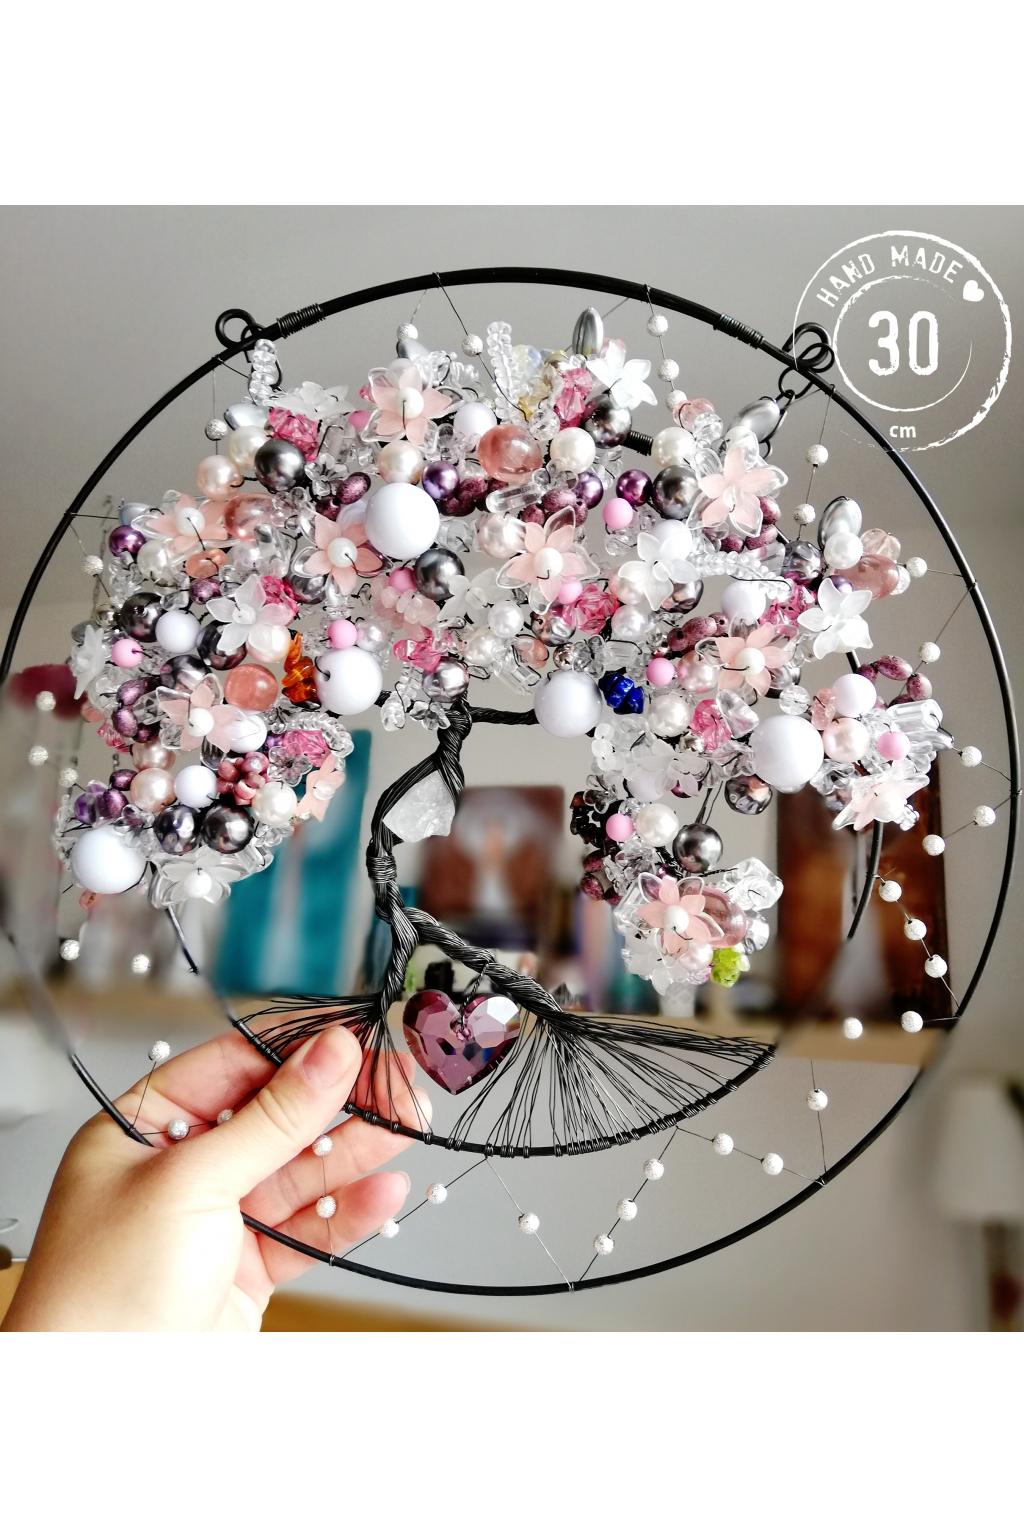 Drátovaný strom Krása tvého srdce 30cm